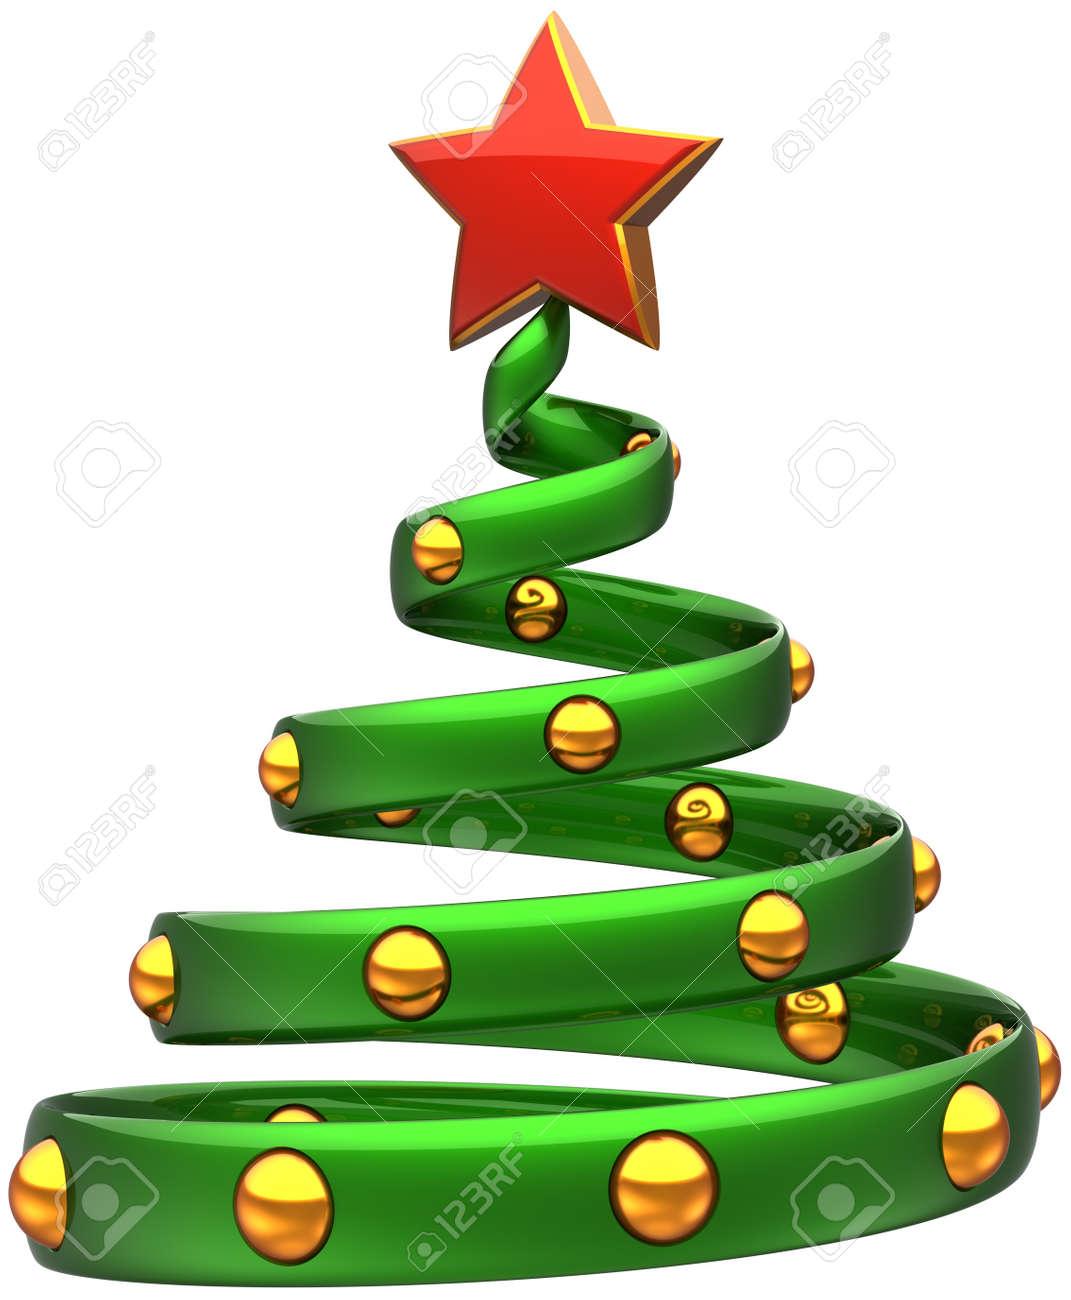 c7131fd8d75 Foto de archivo - Rbol de Navidad verde con bolas de oro y estrella roja  brillante. Chuchería Feliz Año Nuevo estilizada.